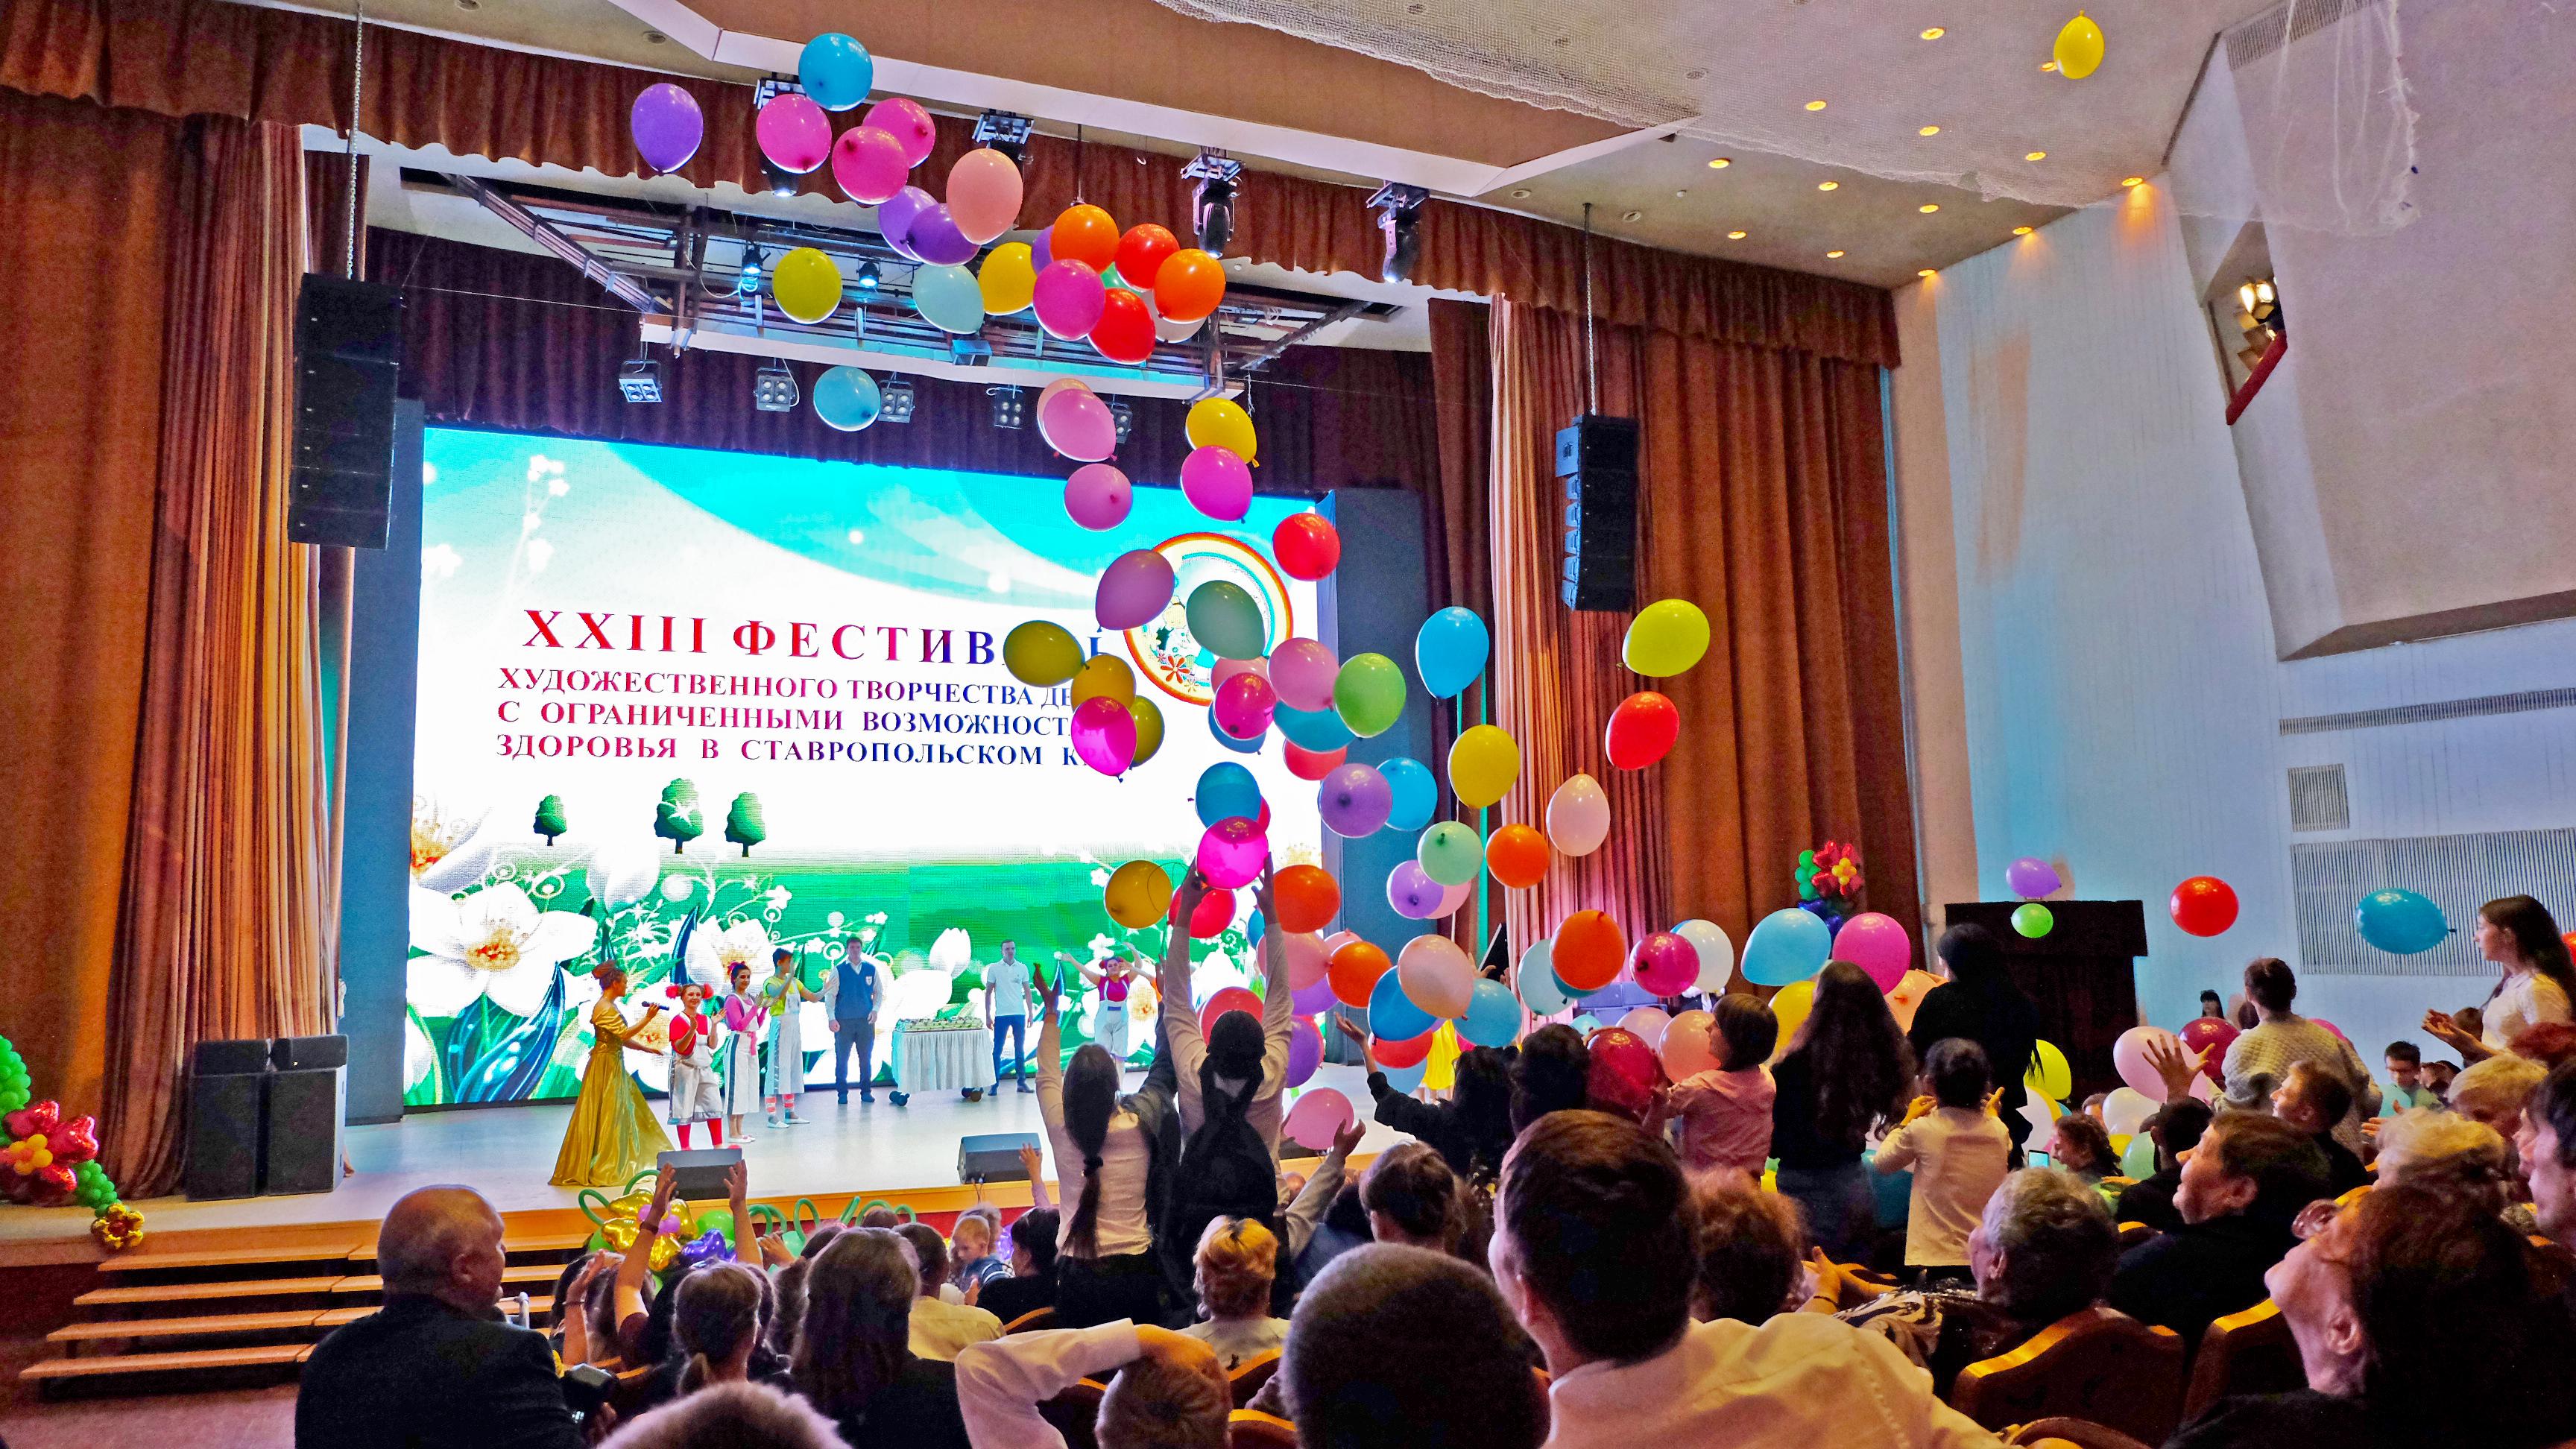 Завершился фестиваль художественного творчества детей с ограниченными возможностями здоровья.